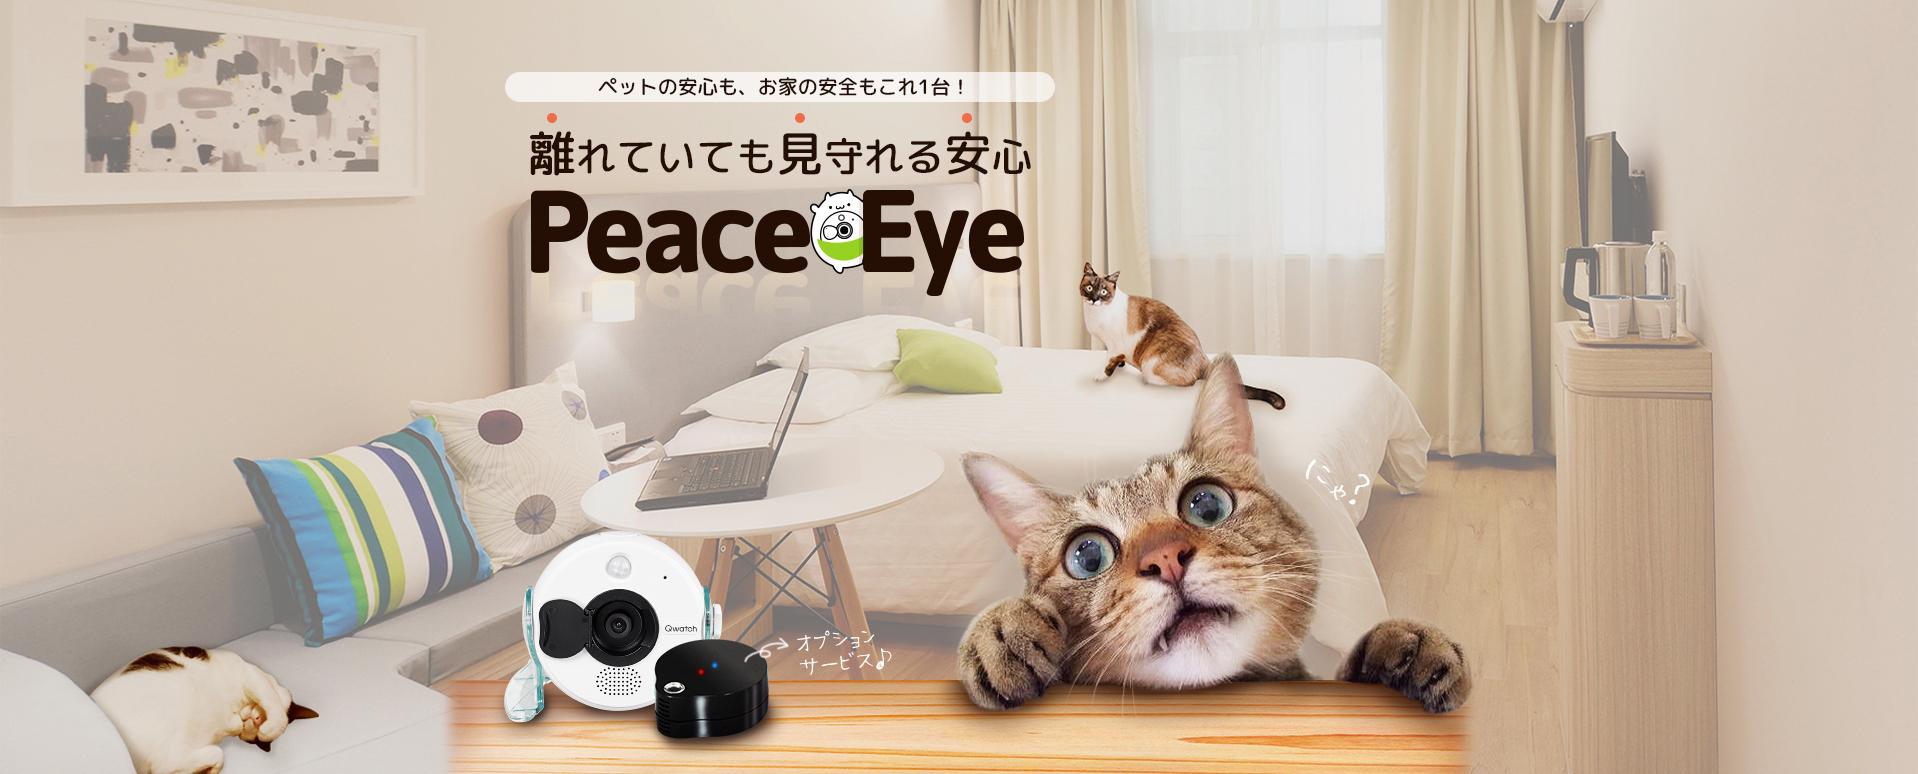 【PR】月額990円のフルHDペットカメラ「ピ―スアイ」を使ってみた【最大2か月無料キャンペーンあり!】